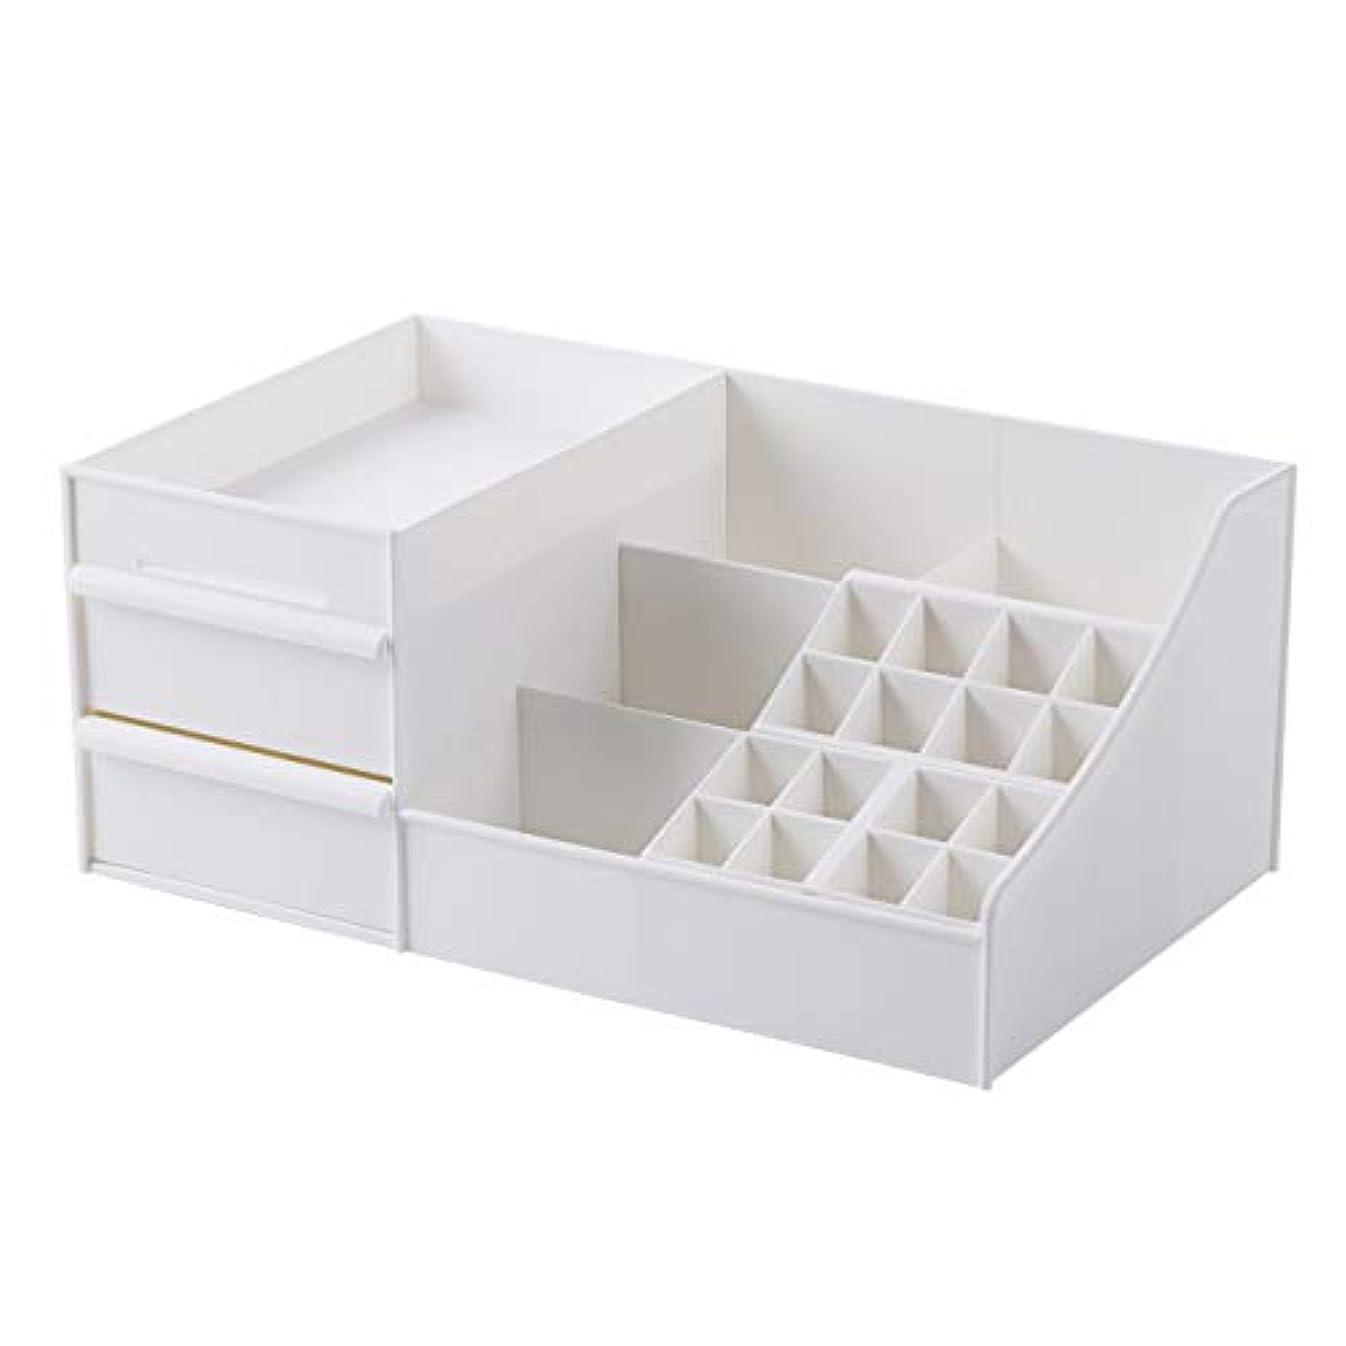 ラジエーター自動化ましい[Shinepine] 化粧品収納ボックス 引き出し 仕切り収納 メイク収納 小物収納 スタンド 化粧品入れ メイクケース 卓上小物入れ メイク収納ケース アクセサリーボックス (#1 口紅収納 白)